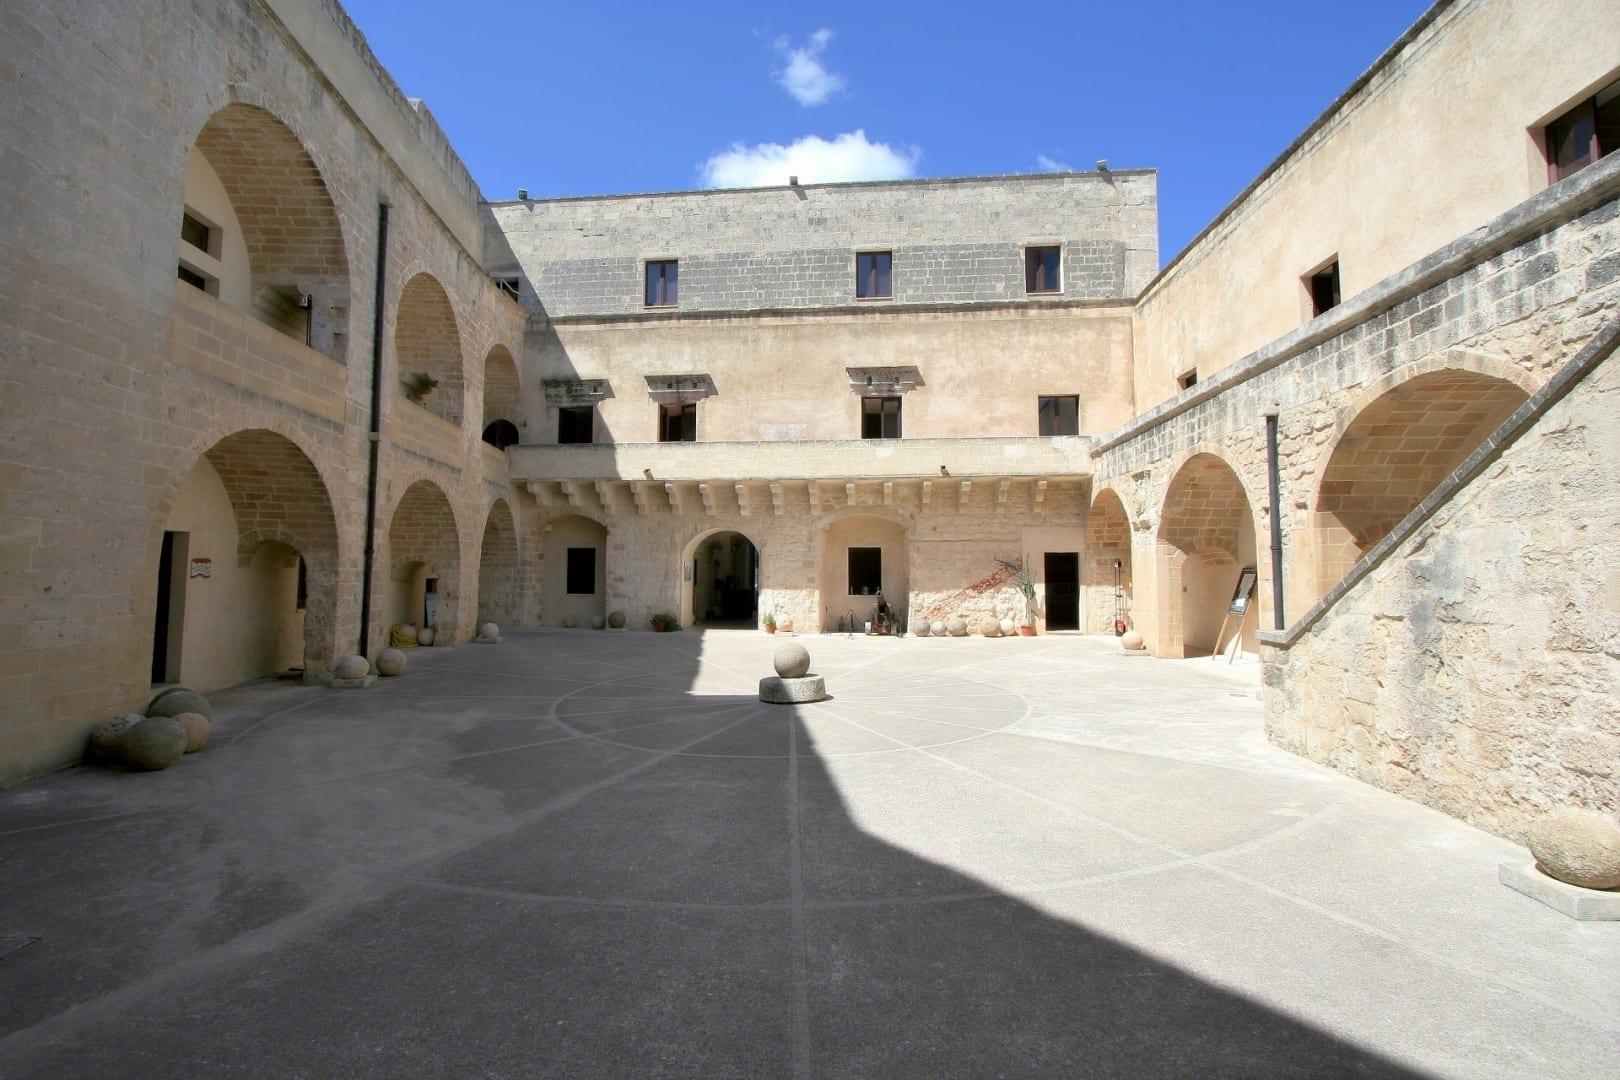 El patio del castillo Otranto Italia